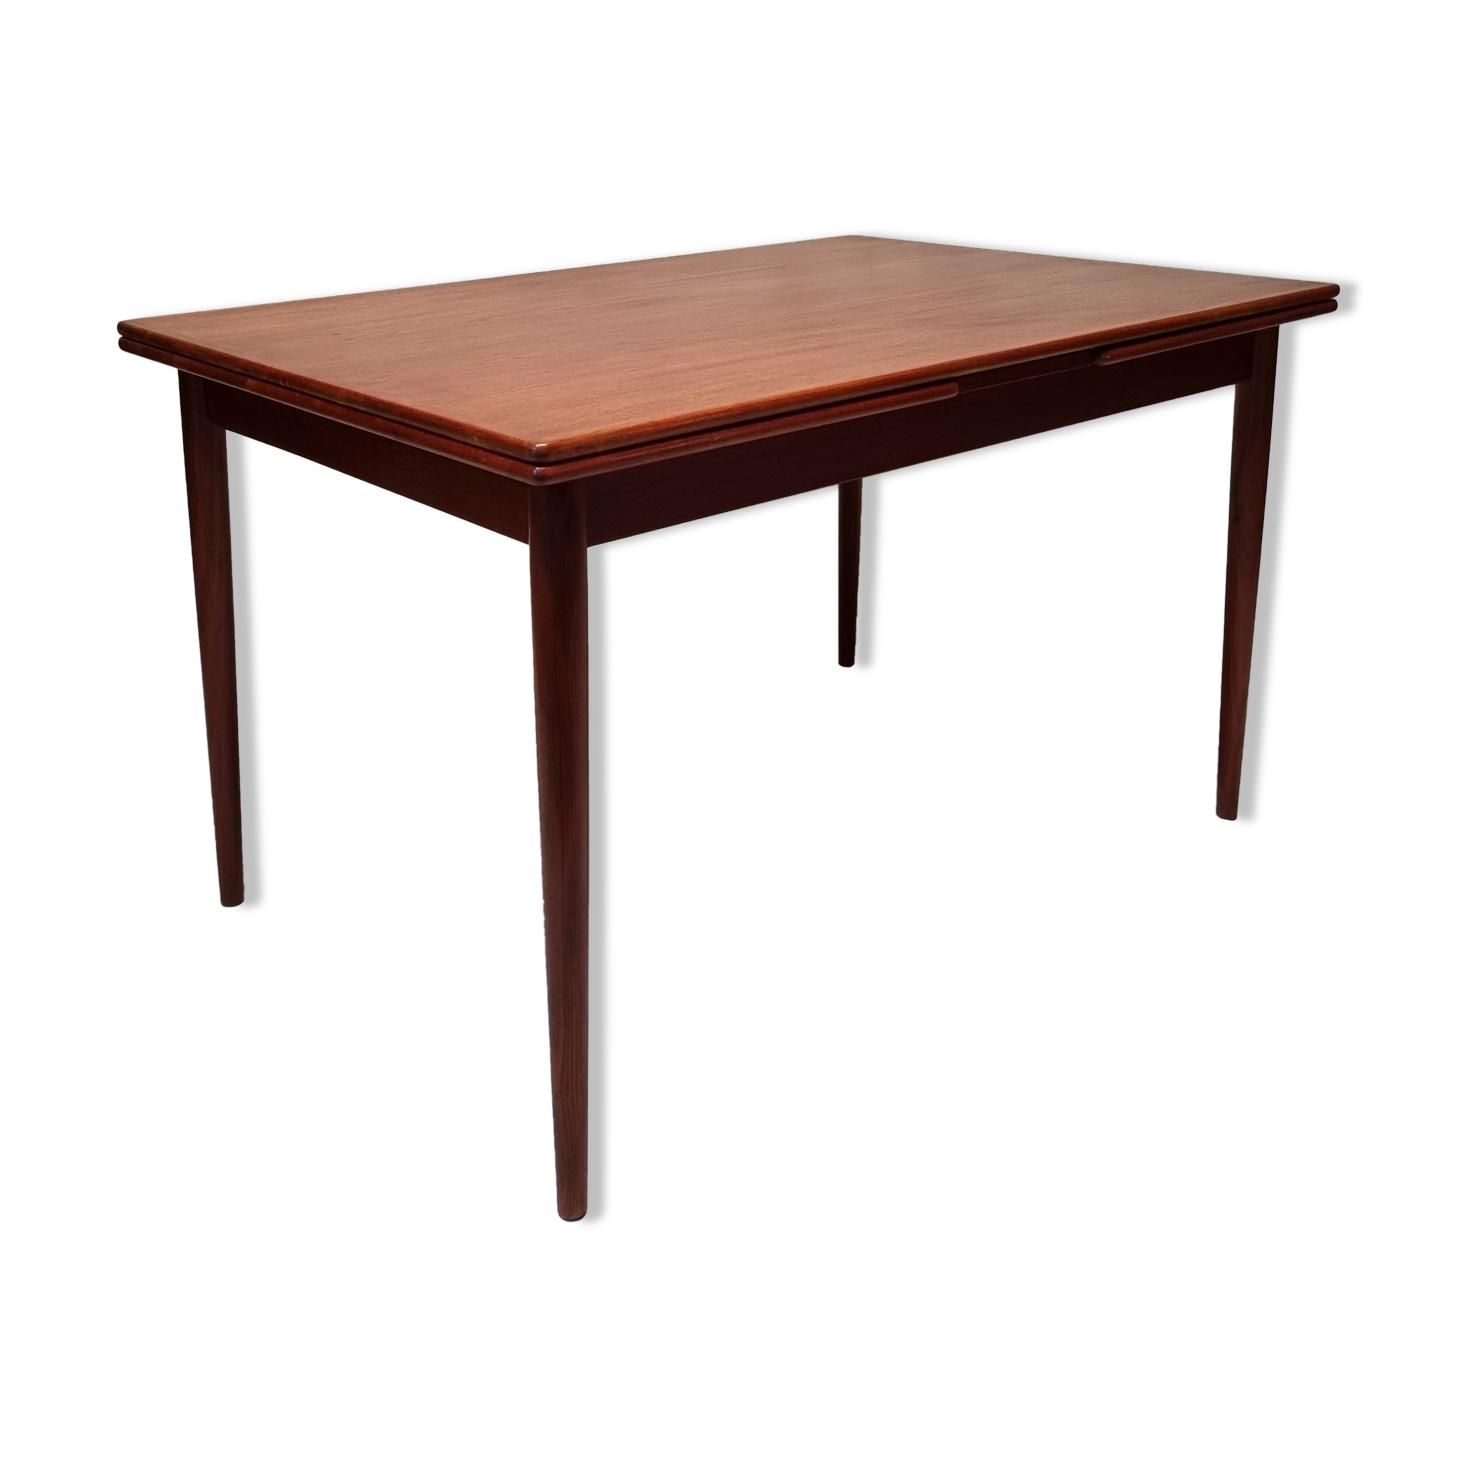 Table de salle a manger de Willy sigh - sigh & son mobelfabrik- teck - ca 1960